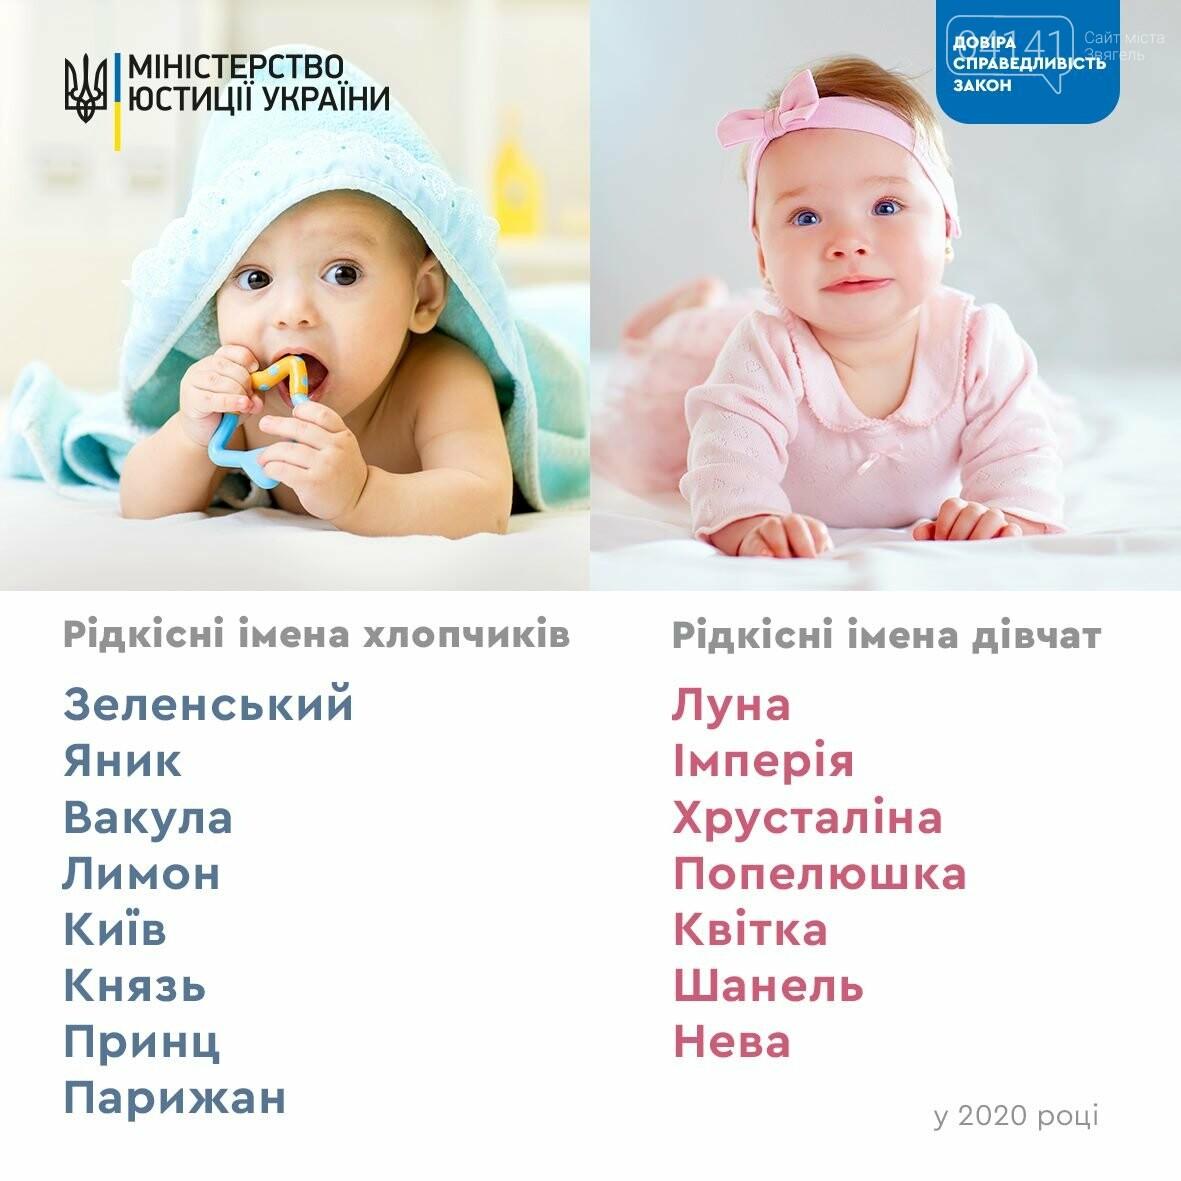 Яник, Луна та Лимон: Як українці називали своїх дітей у 2020 році, фото-1